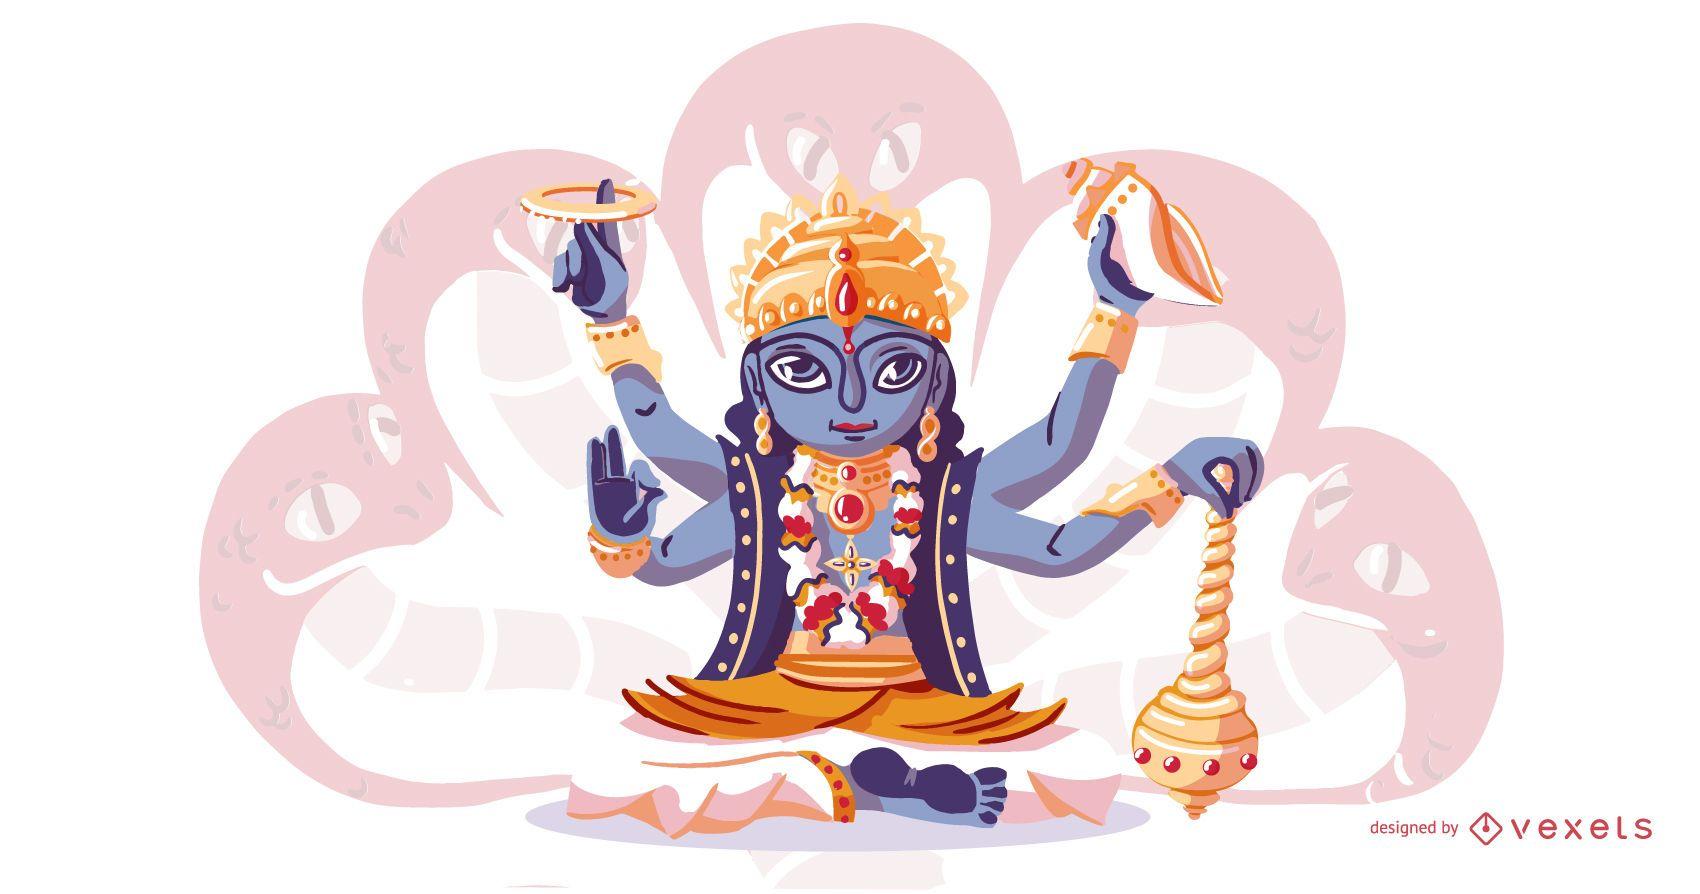 Hindu god Vishnu illustration